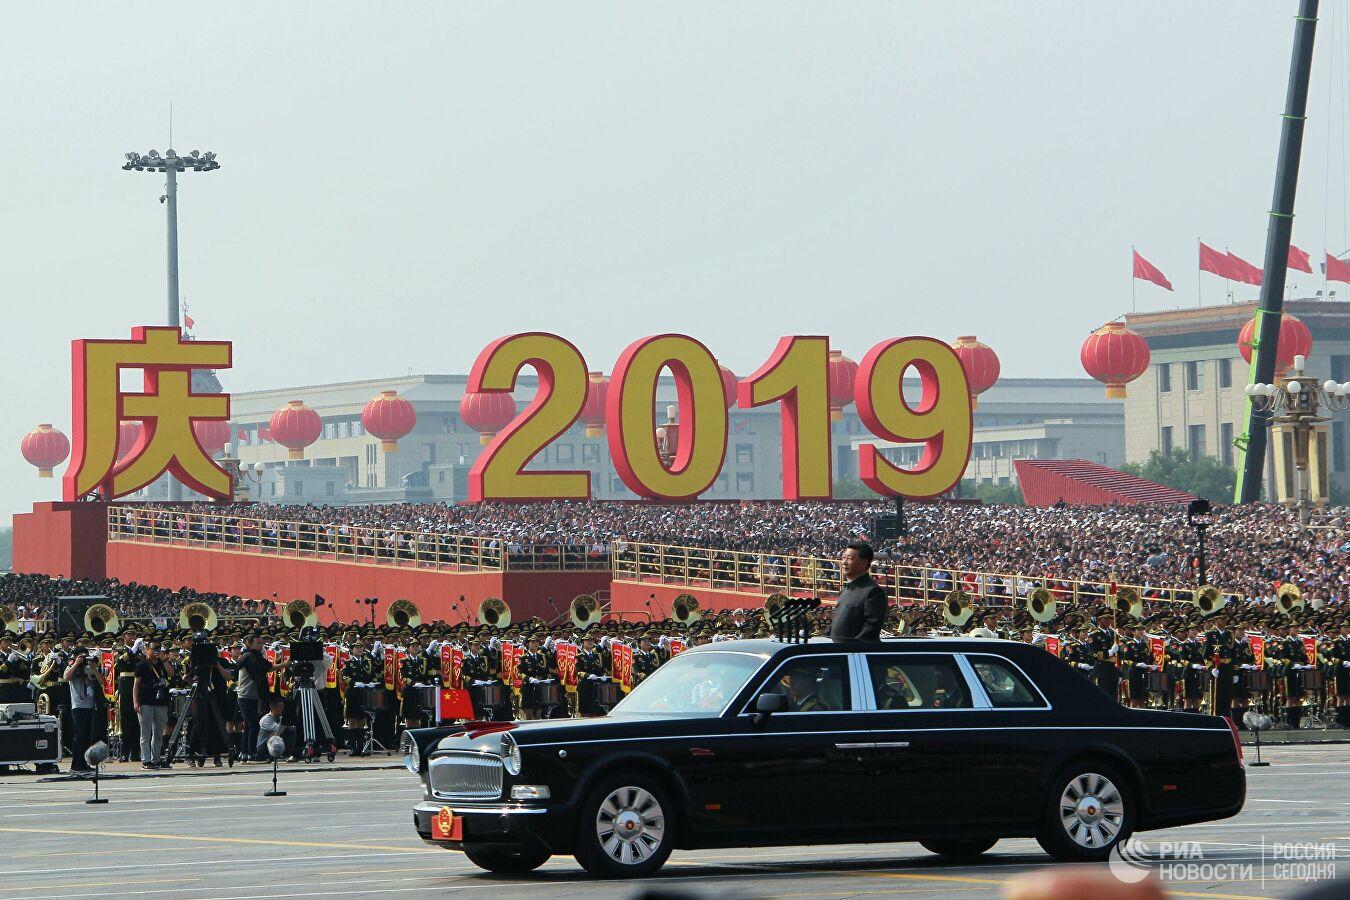 Председатель Китайской Народной Республики Си Цзиньпин на военном параде, приуроченном к 70-летию образования Китая. 1 октября 2019